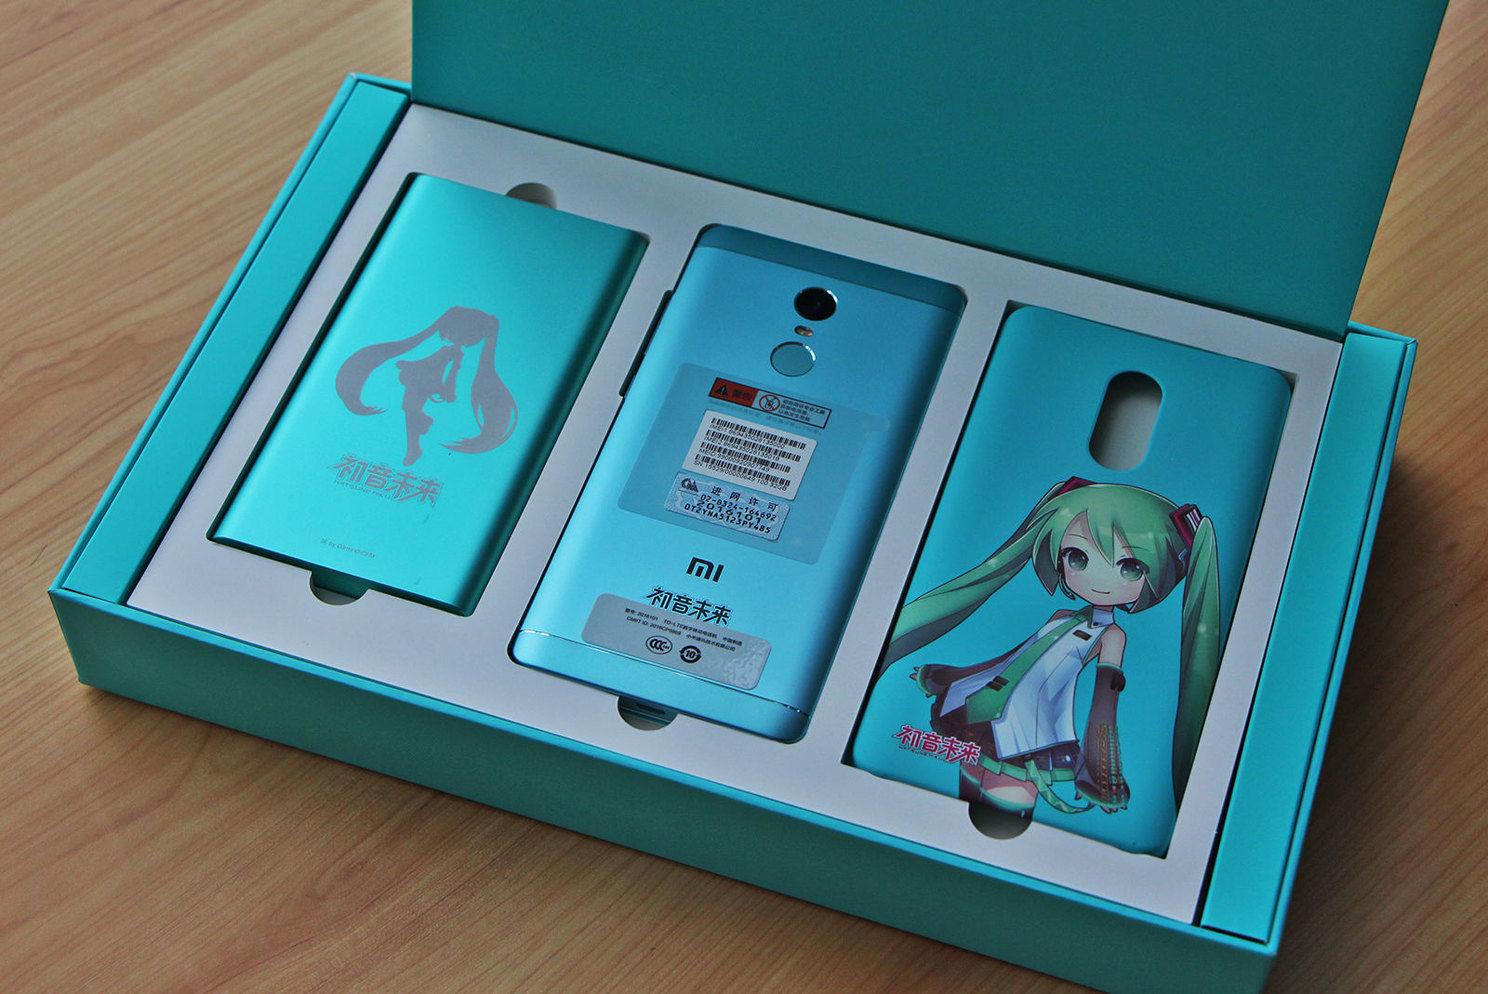 红米 Note 4X 初音未来限量套装来了,你喜欢吗